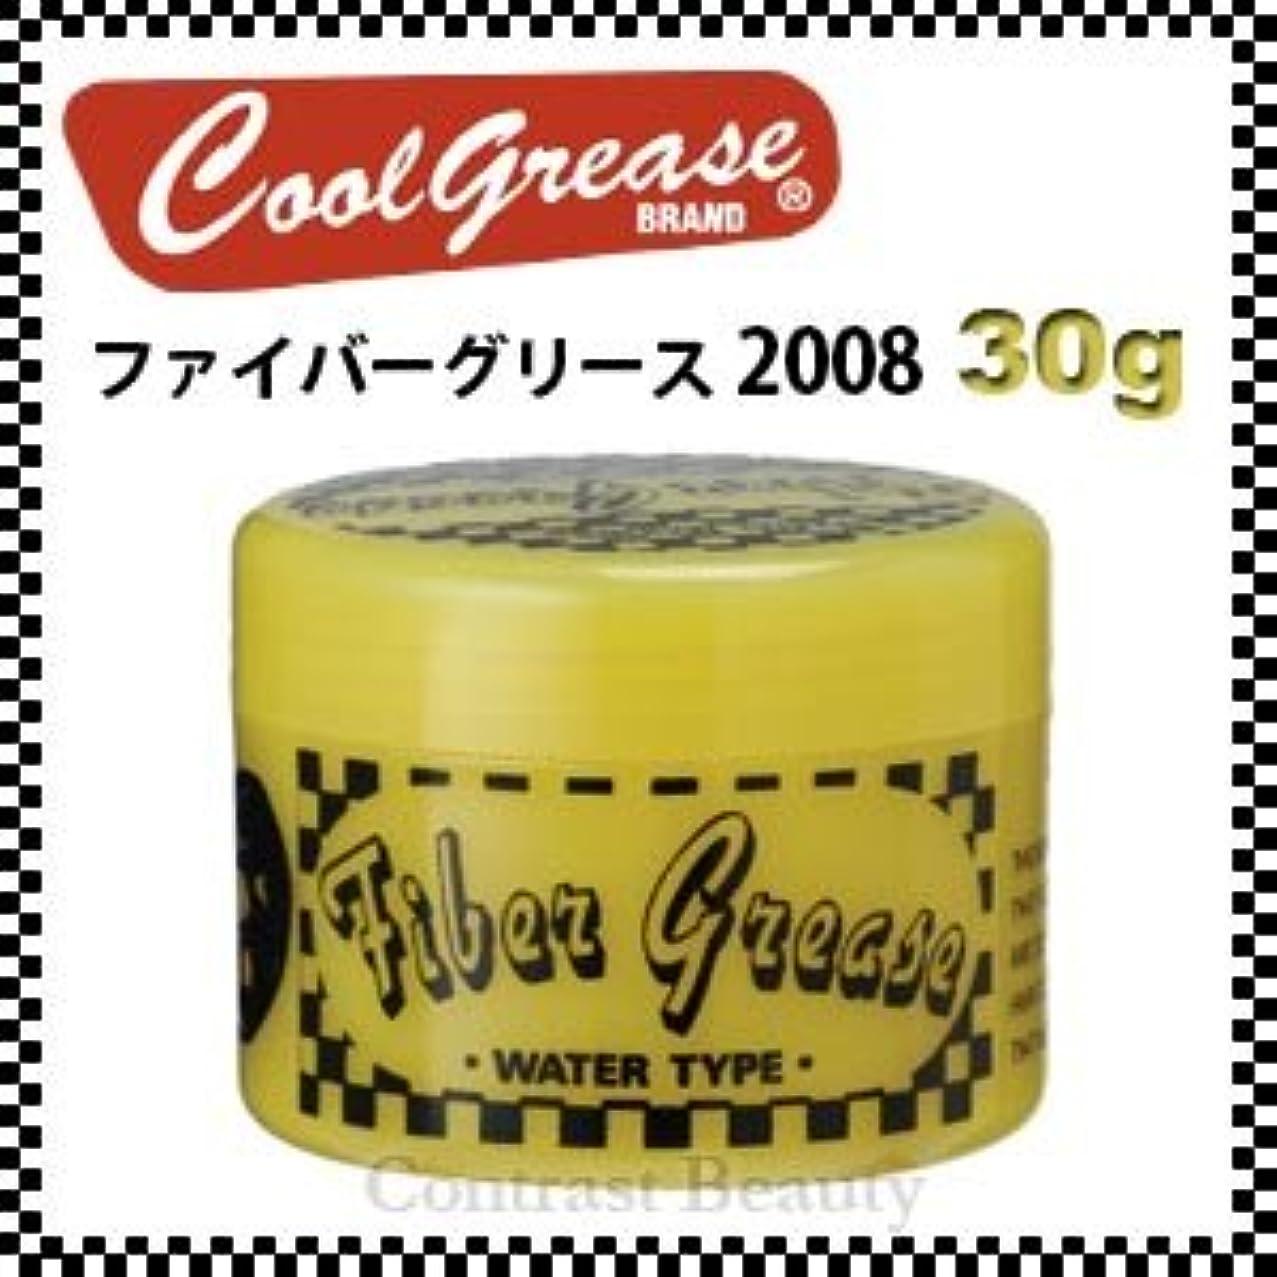 複数助けになるテレビを見る阪本高生堂 ファイバーグリース 2008 30g